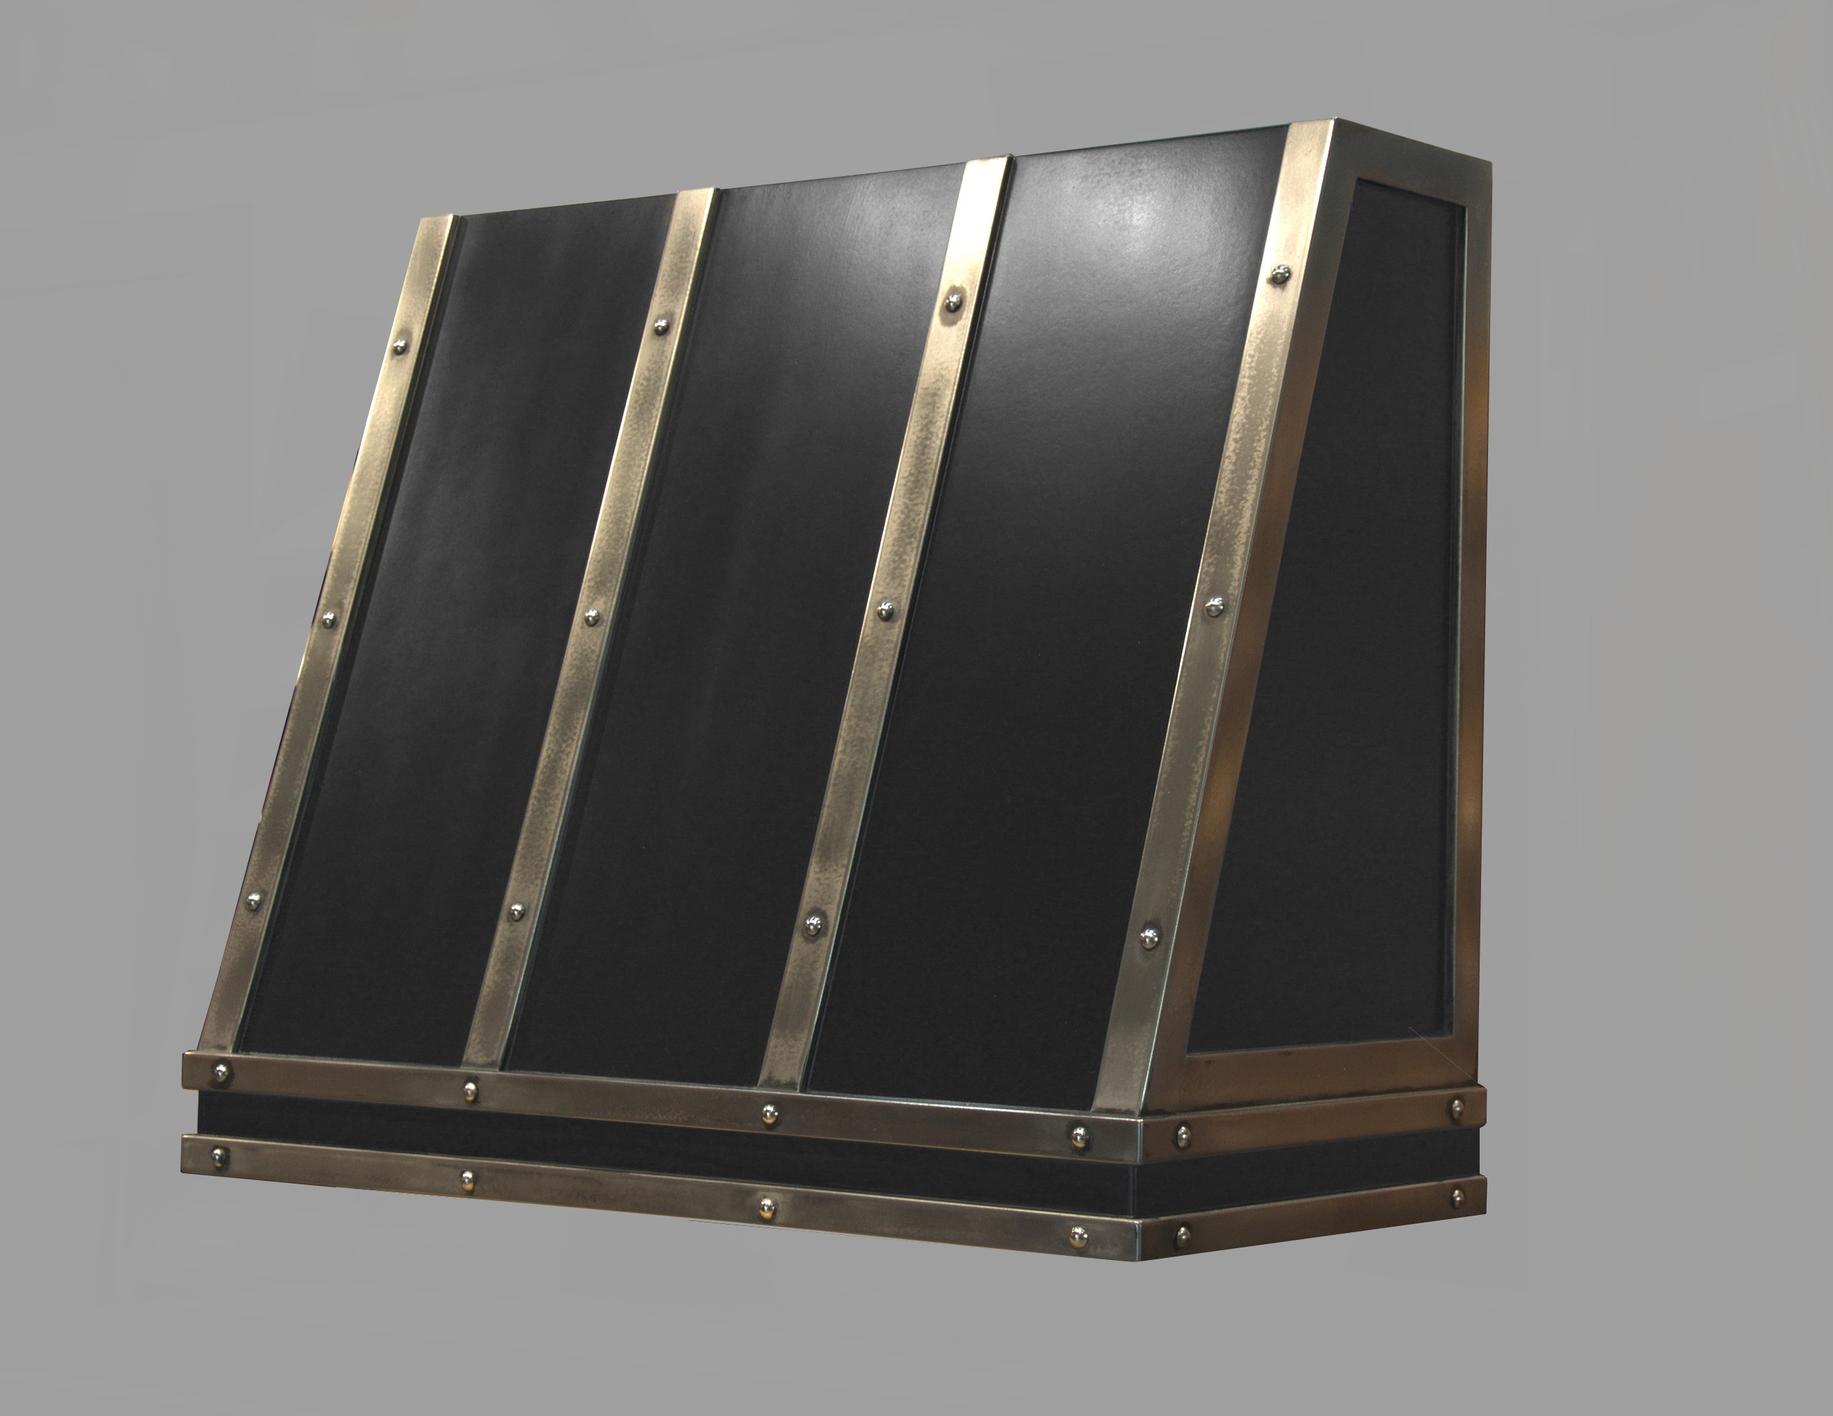 Enamel and Stainless Steel Range Hood Shell